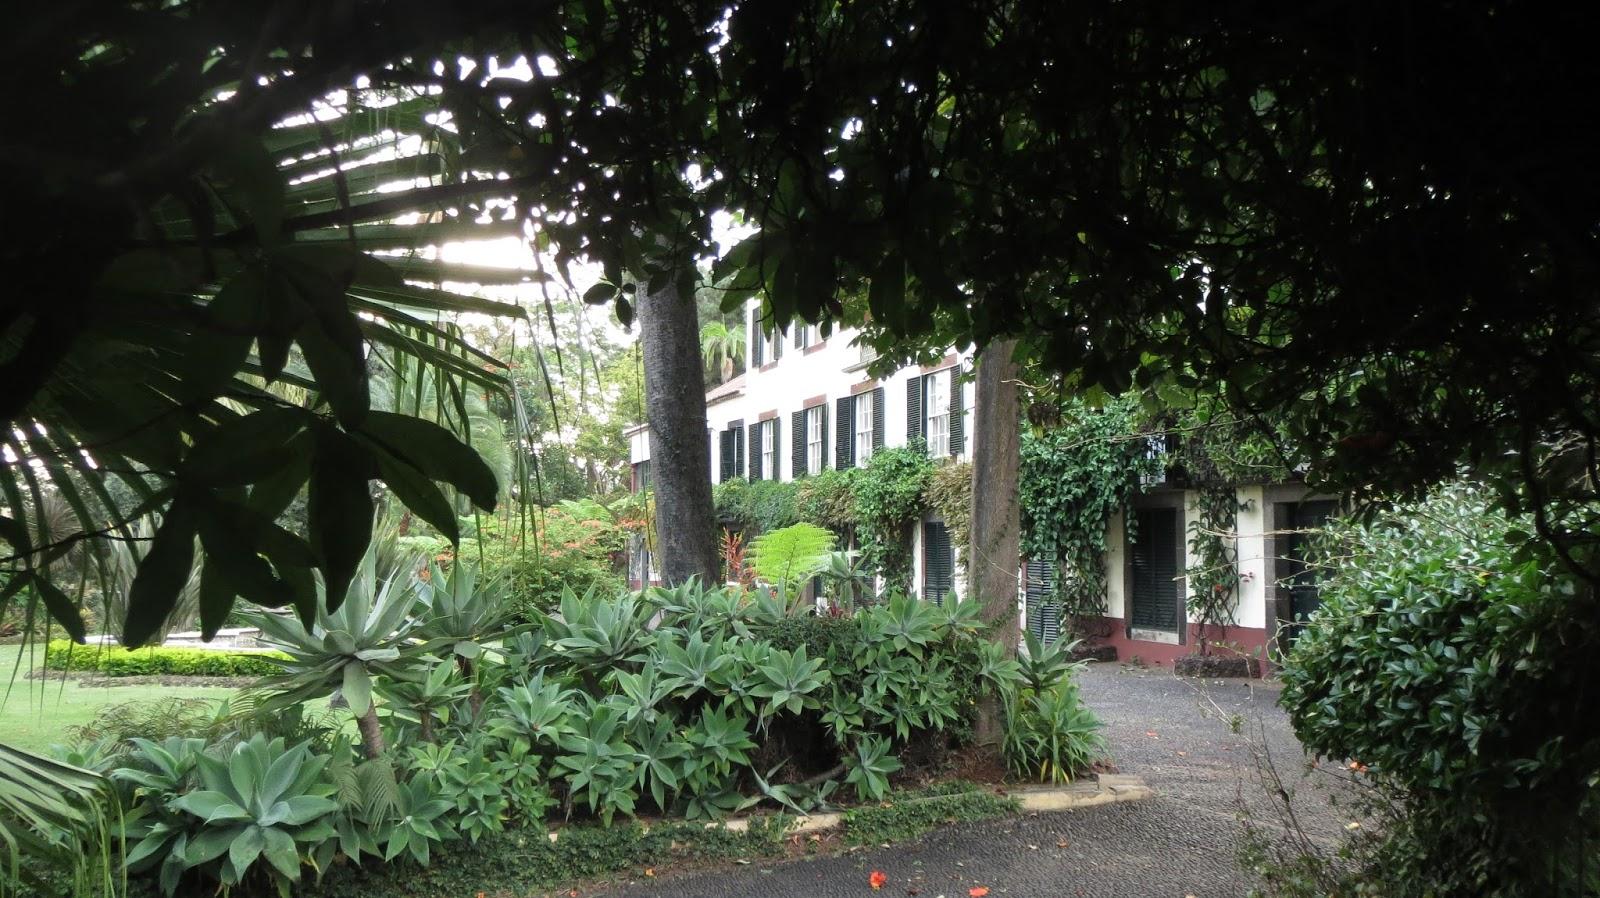 hortibus voyage parcs jardins et paysages de madere